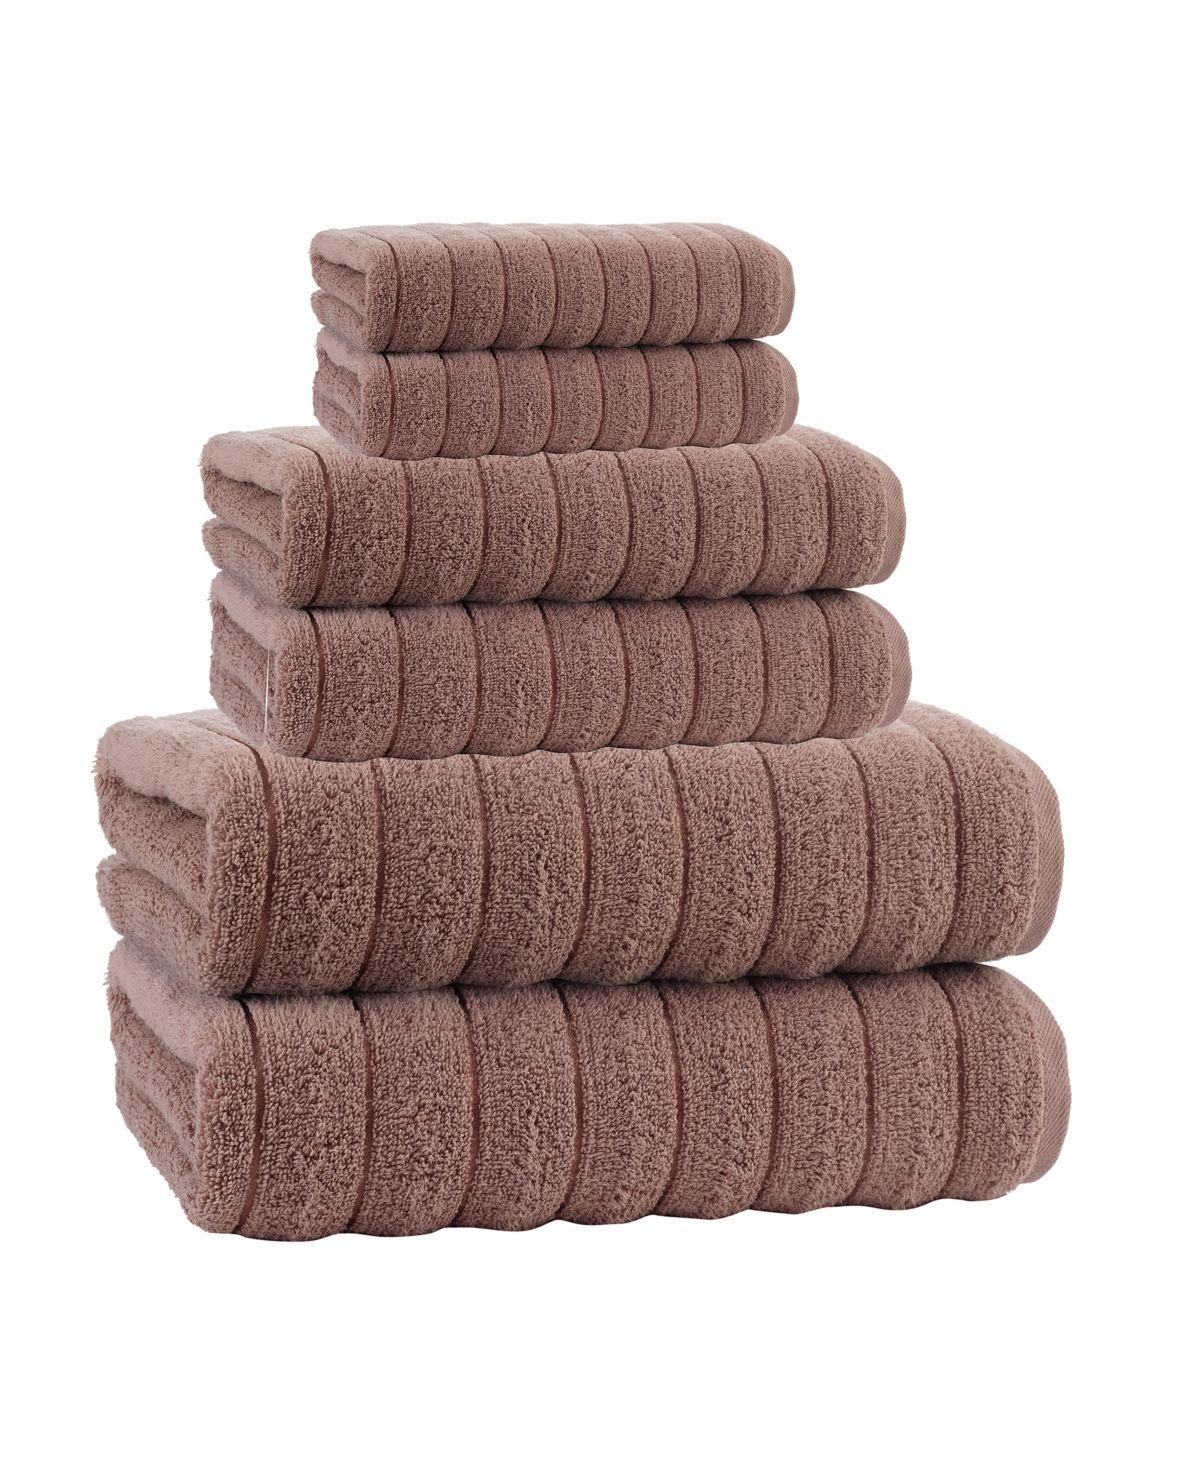 Enchante Home Vague Turkish Cotton Bath Towel Collection Reviews